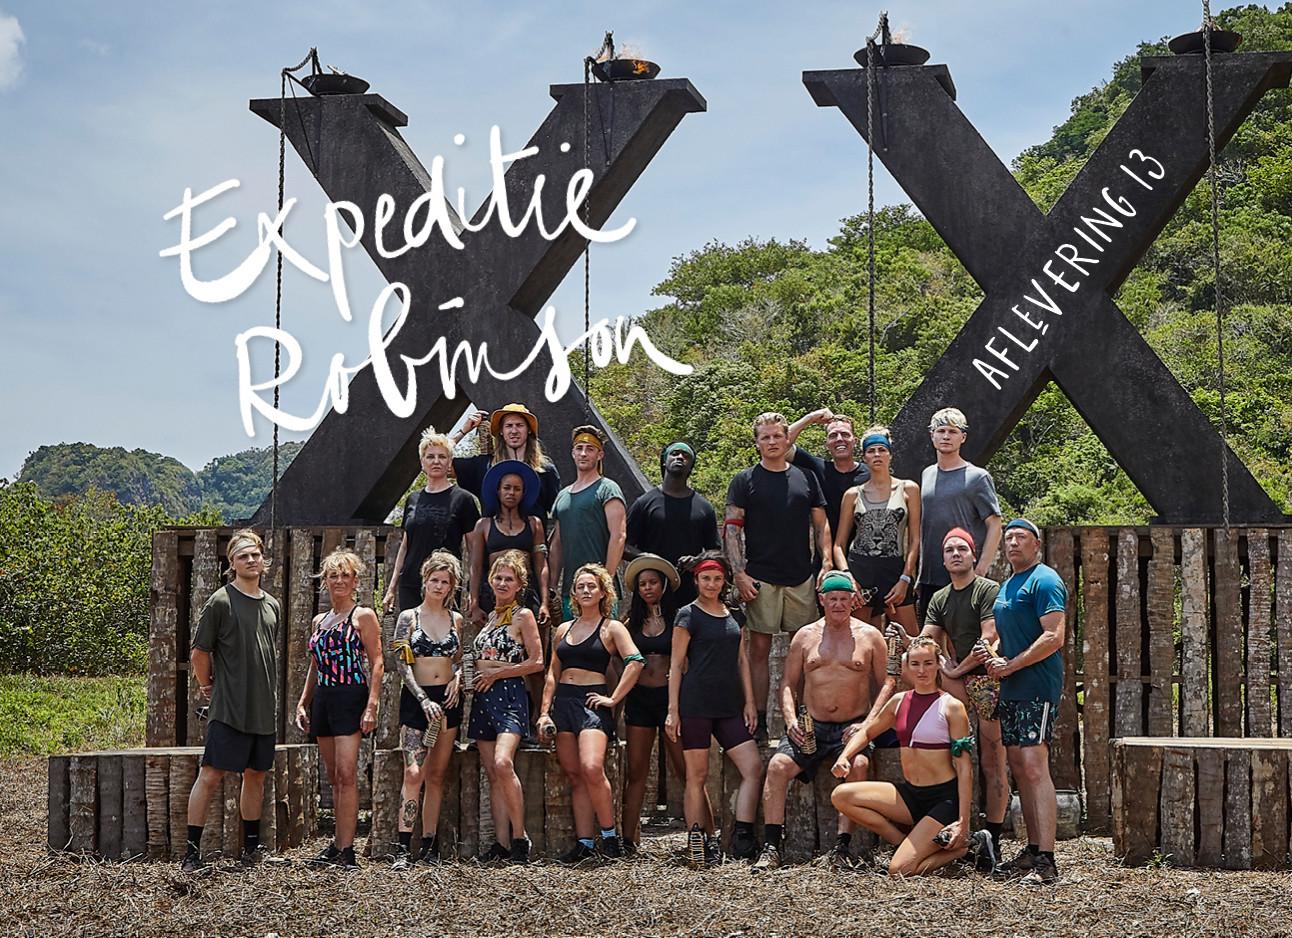 de officleel groepsfoto van de deelnemers van expeditie robinson